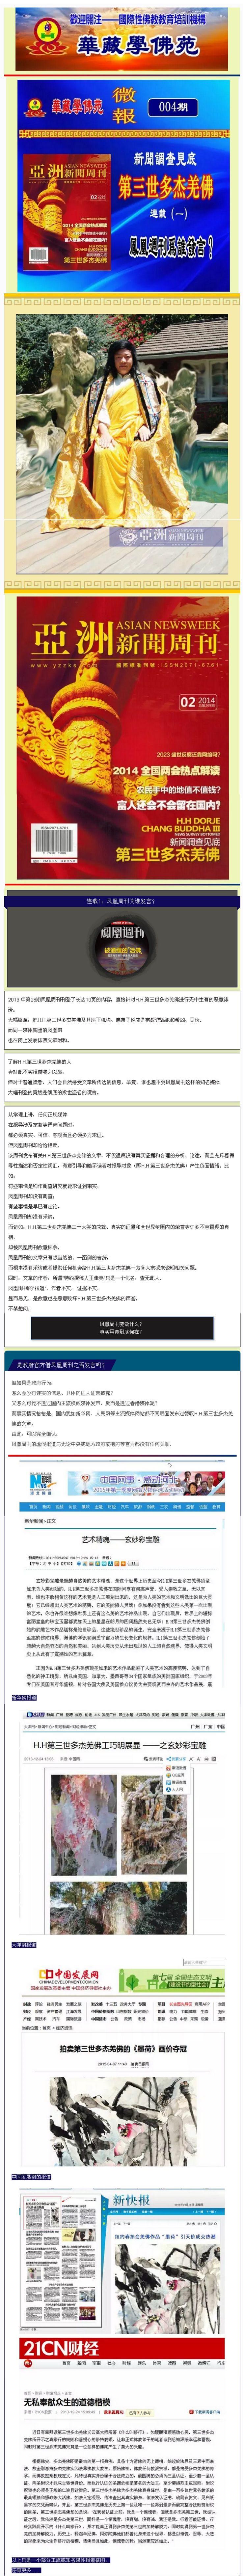 華藏學佛苑微報004期 新聞調查見底 第三世多杰羌佛 連載(一) 鳳凰週刊為誰發言?